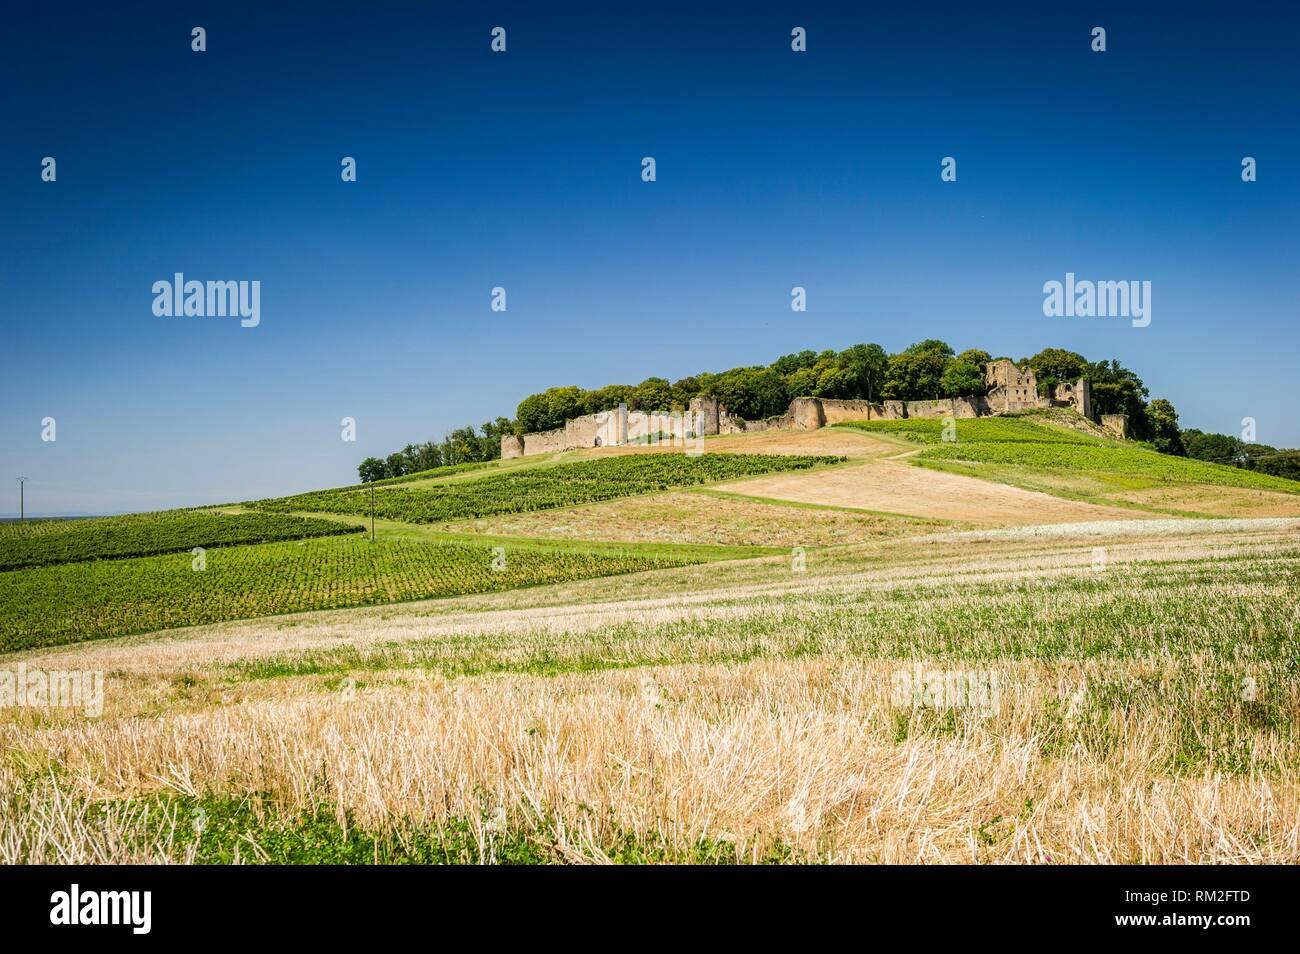 Voir D Arlay Chateau Departement Du Jura La Region De Bourgogne Franche Comte France Photo Stock Alamy